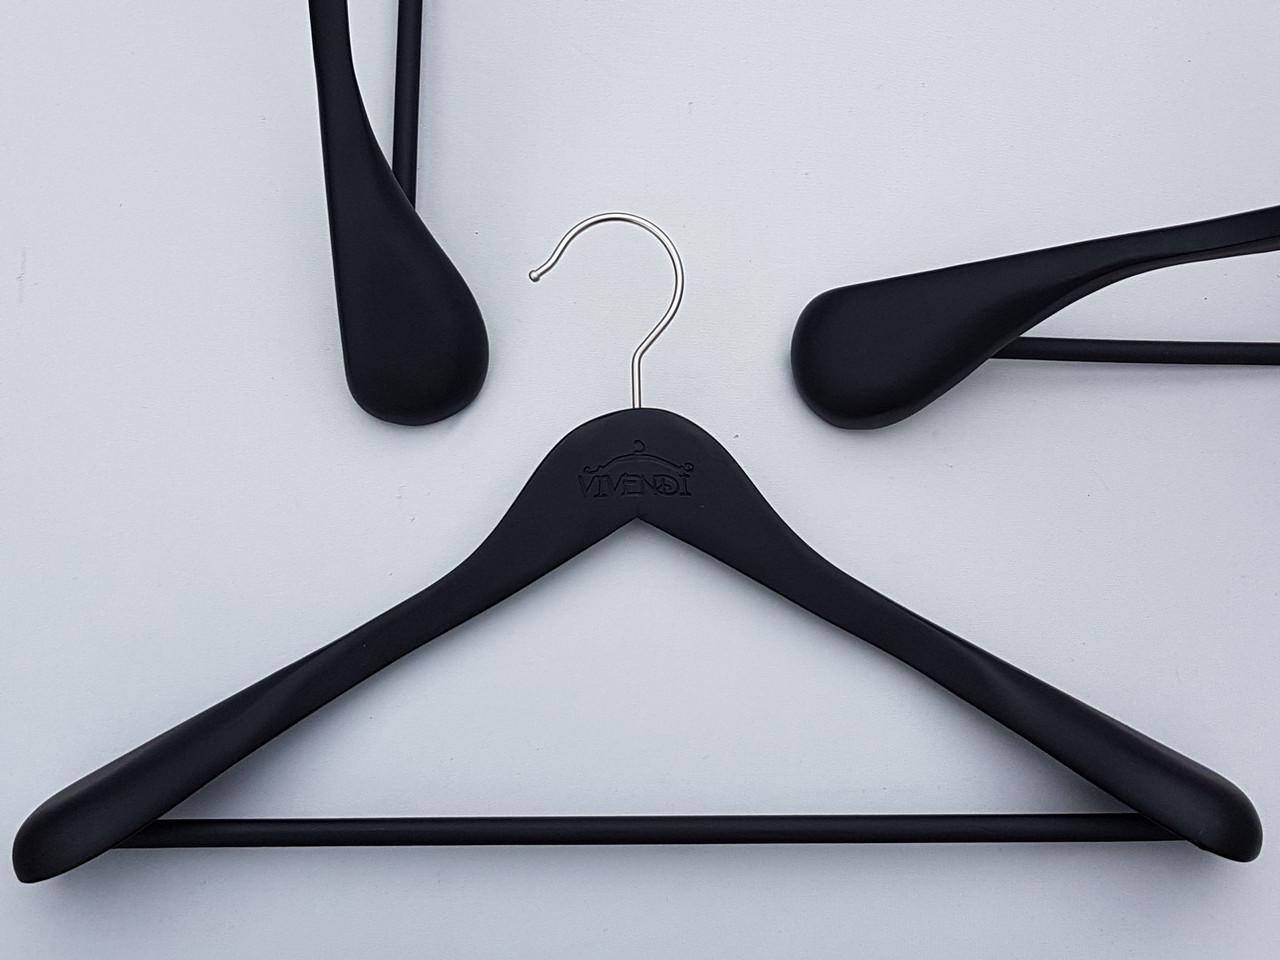 Плечики длиной 45 см вешалки  деревянные широкие с покрытием Soft-Touch